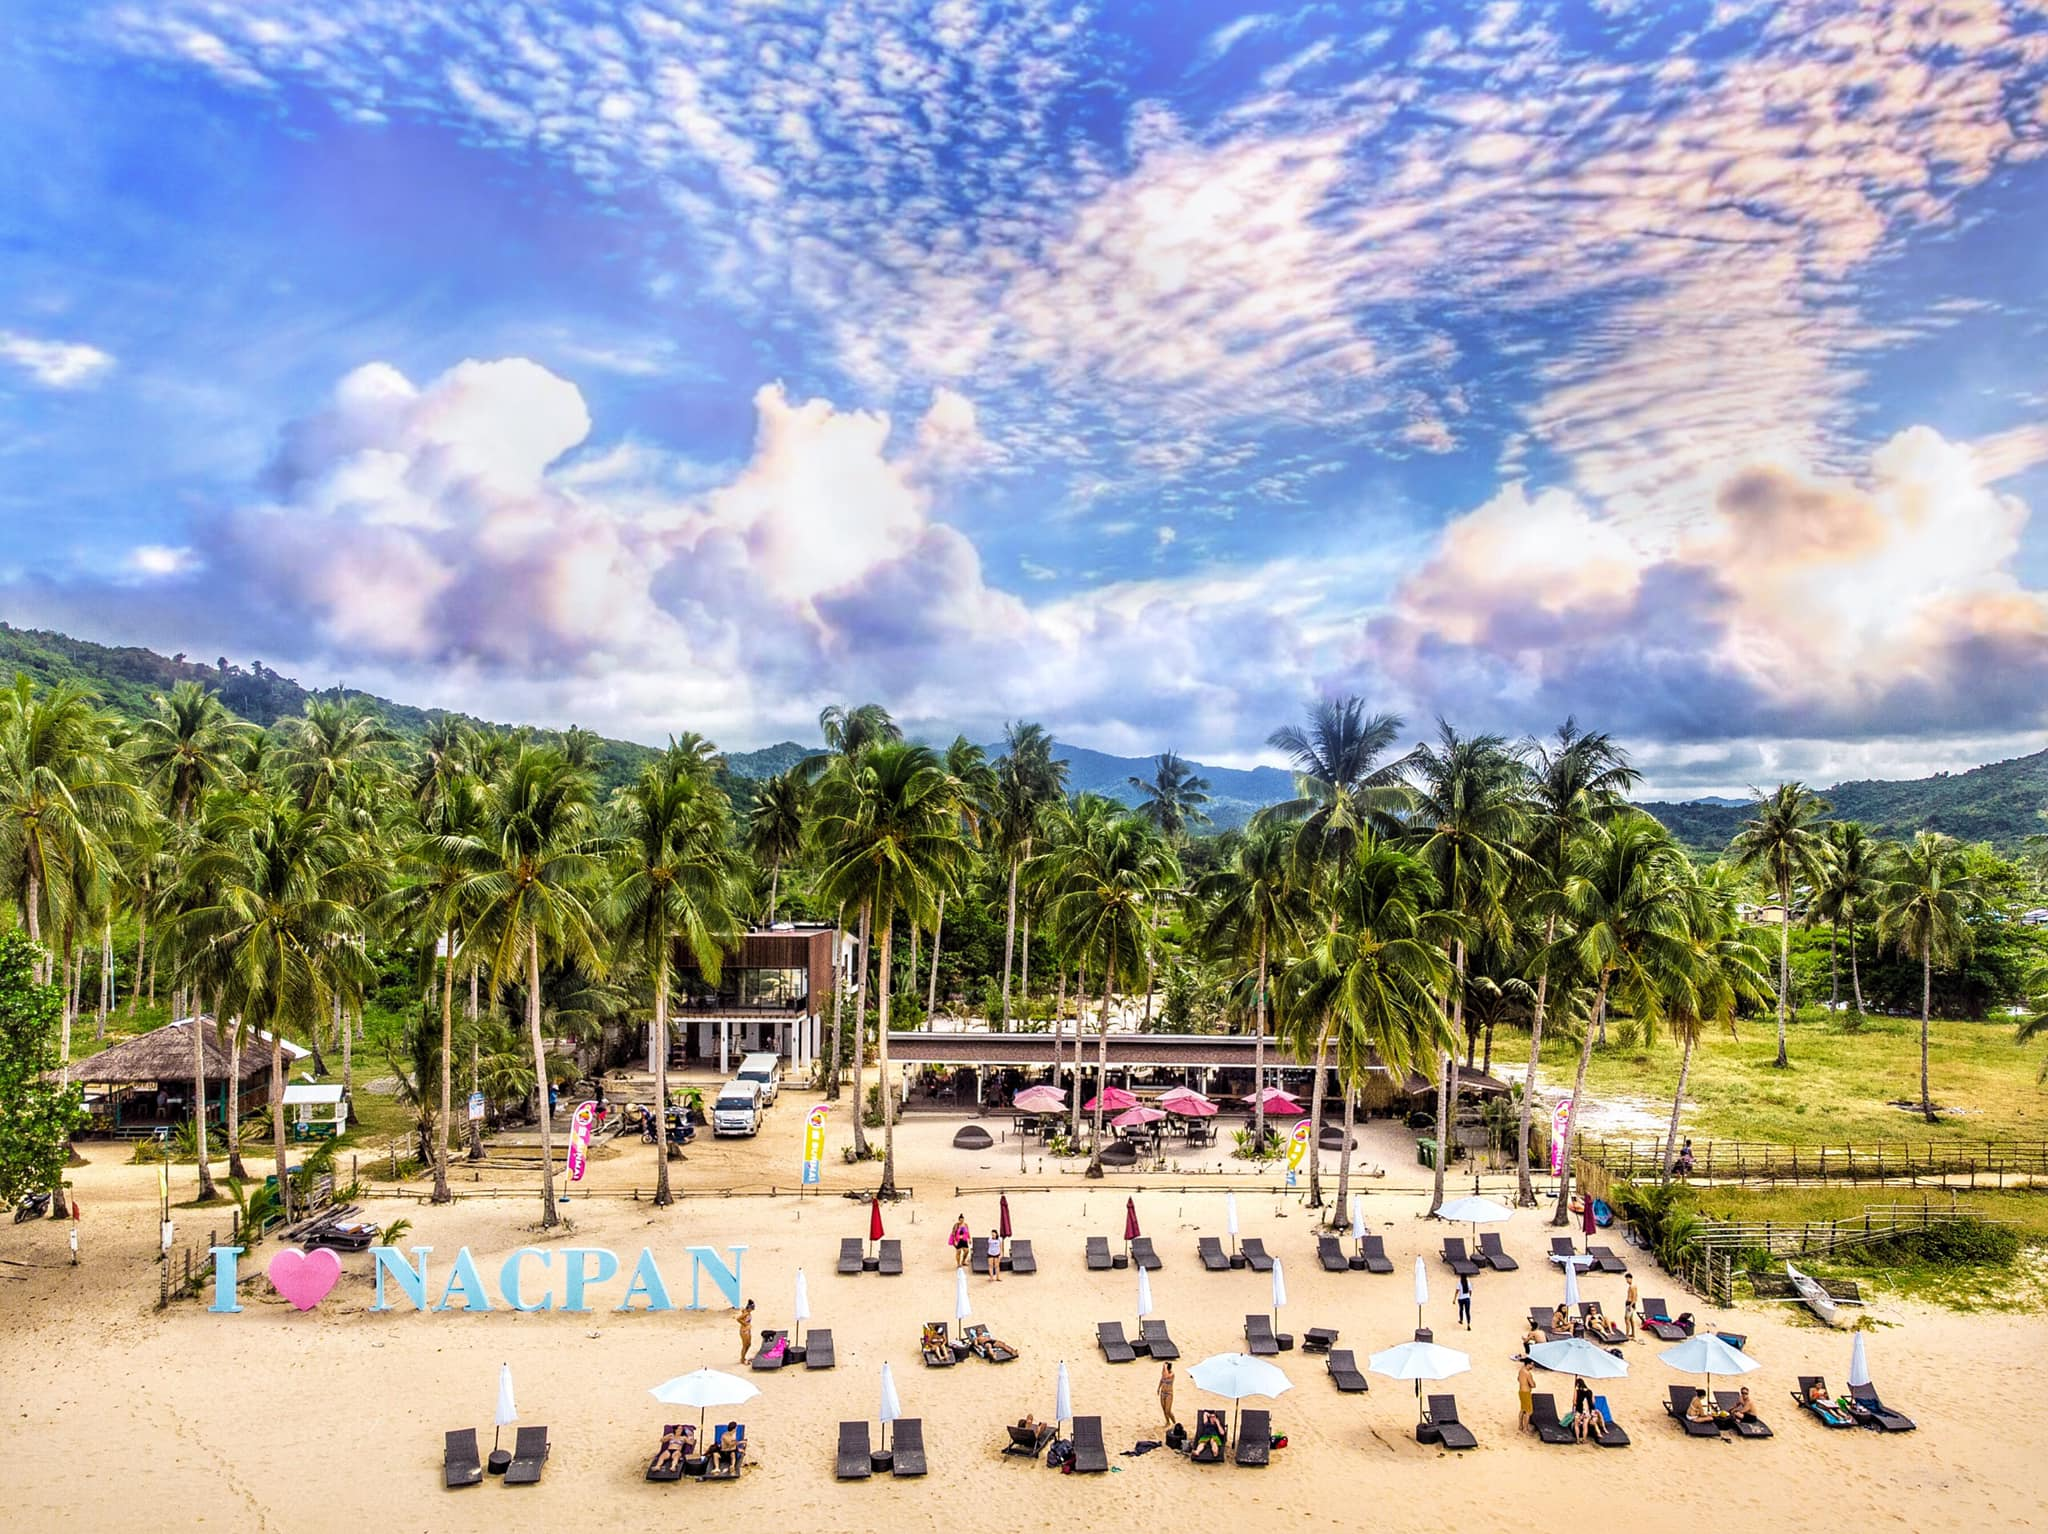 愛妮島夢幻沙灘 Nacpan Beach